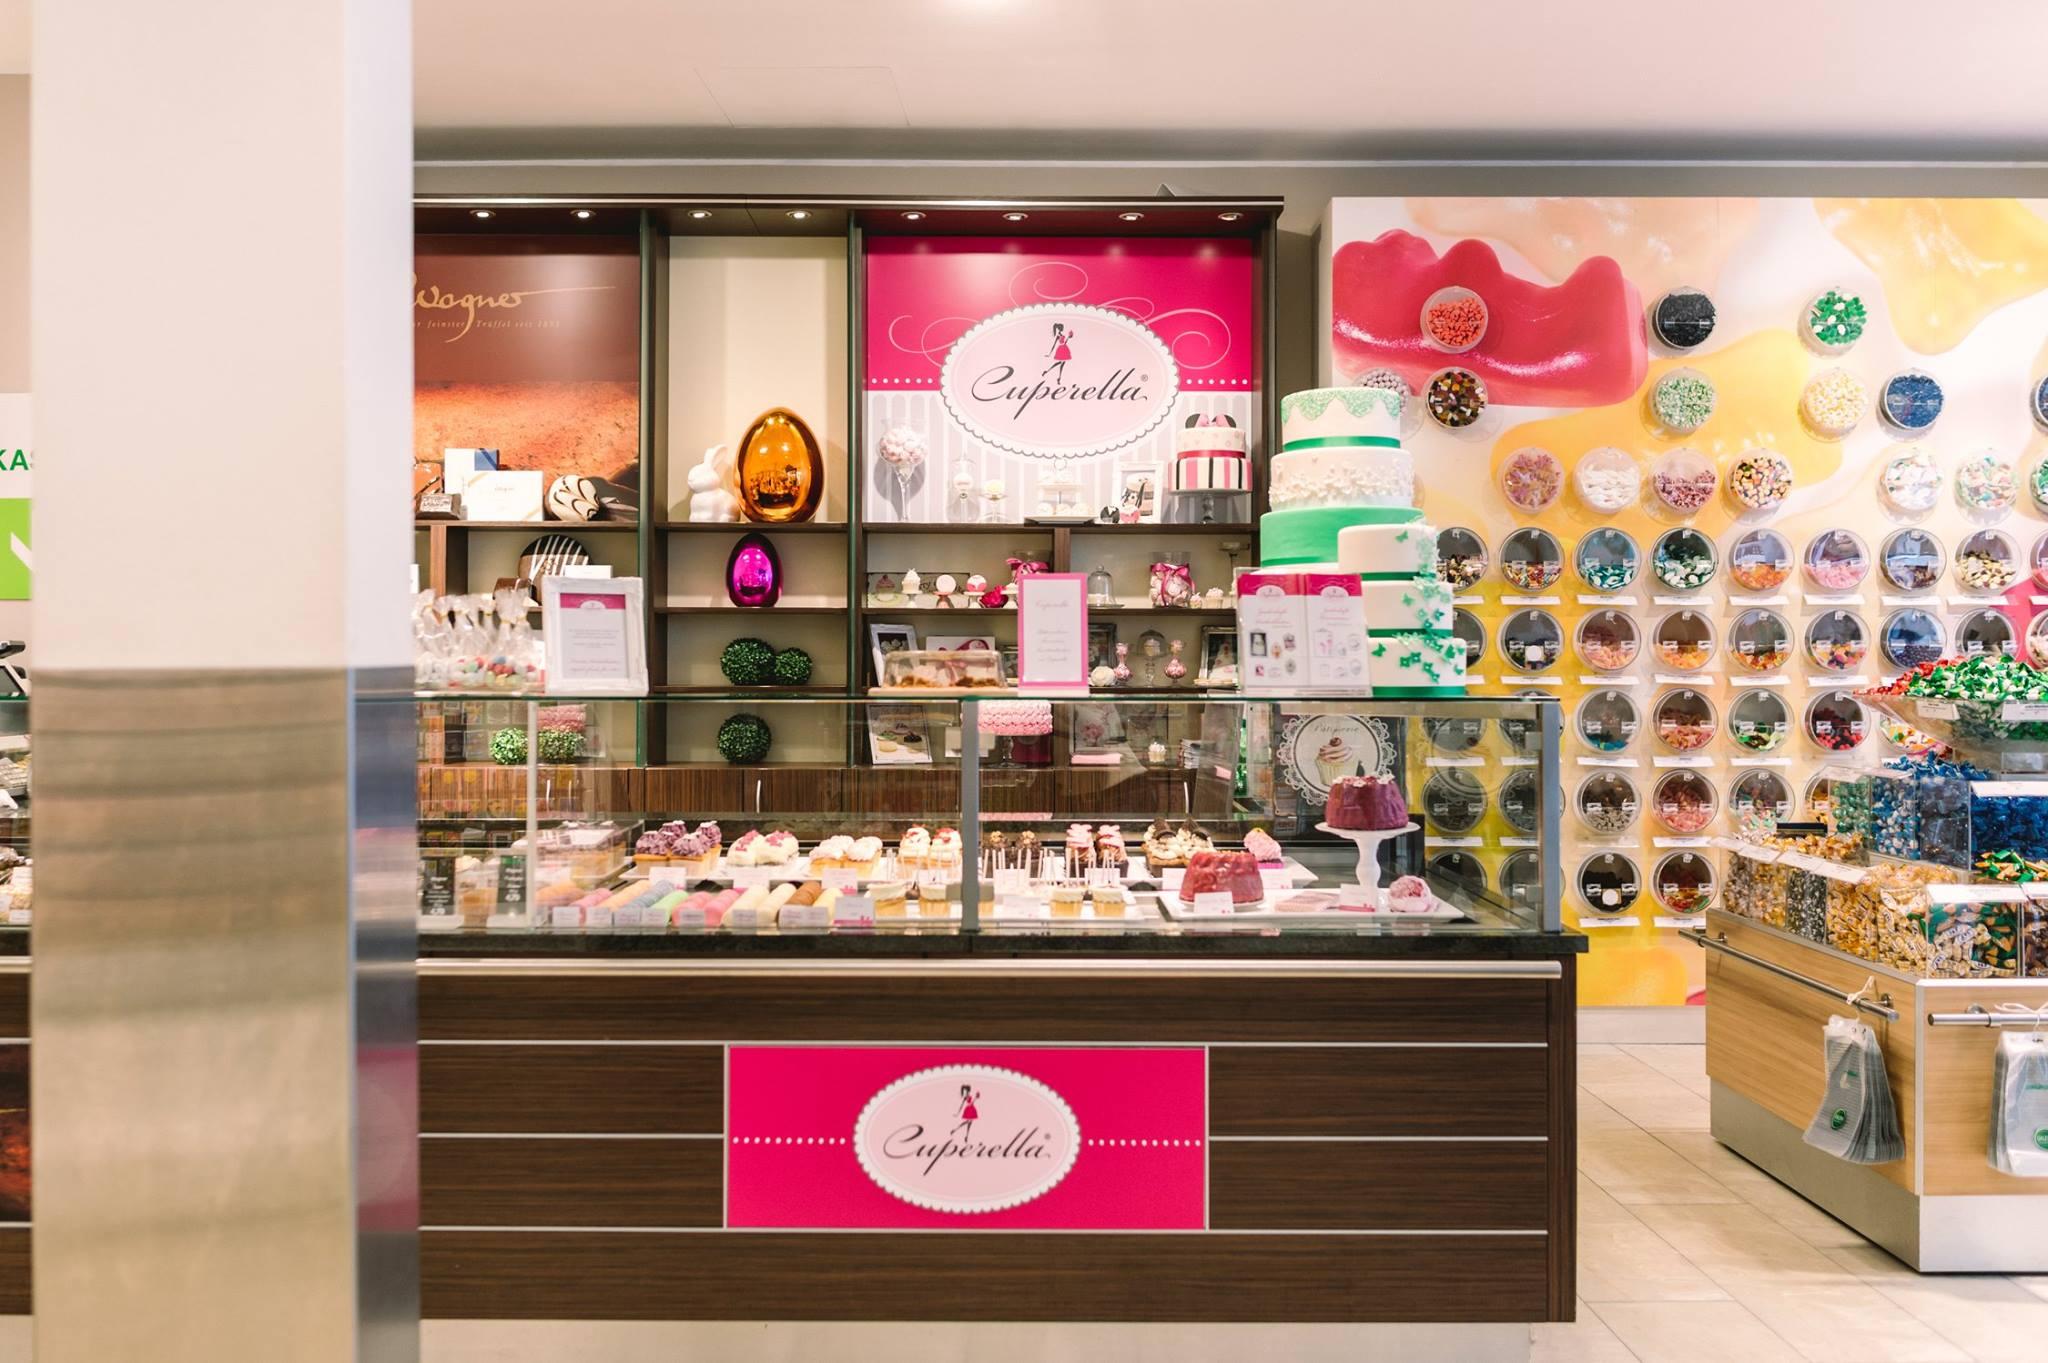 Optimierung: Cuperella Store Konzept in Galerie Kaufhof